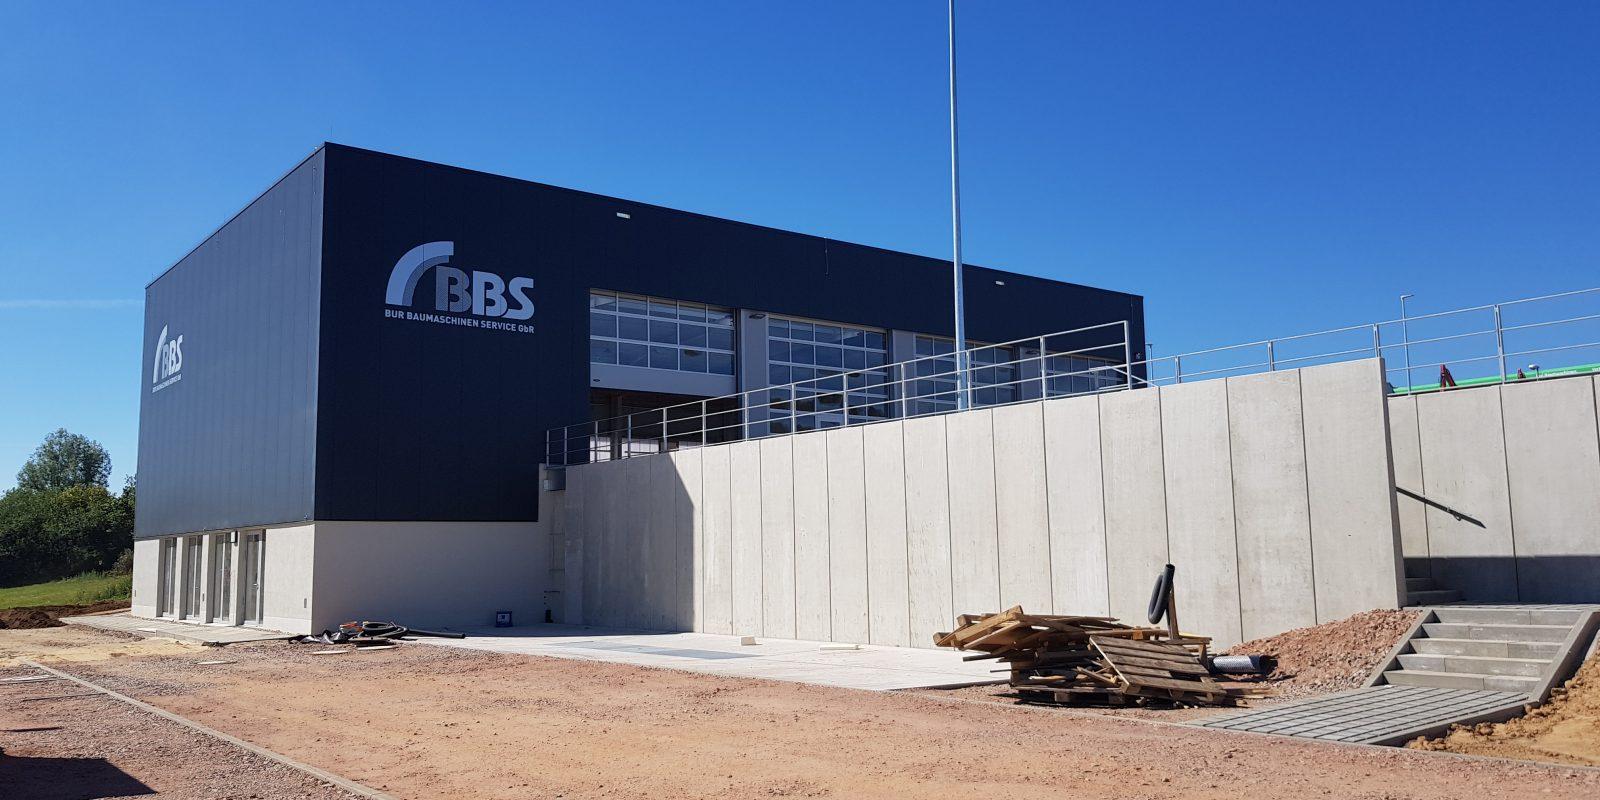 BBS Bur Baumaschinen Service GbR – Neubau eines Werkstattgebäudes in Rochlitz